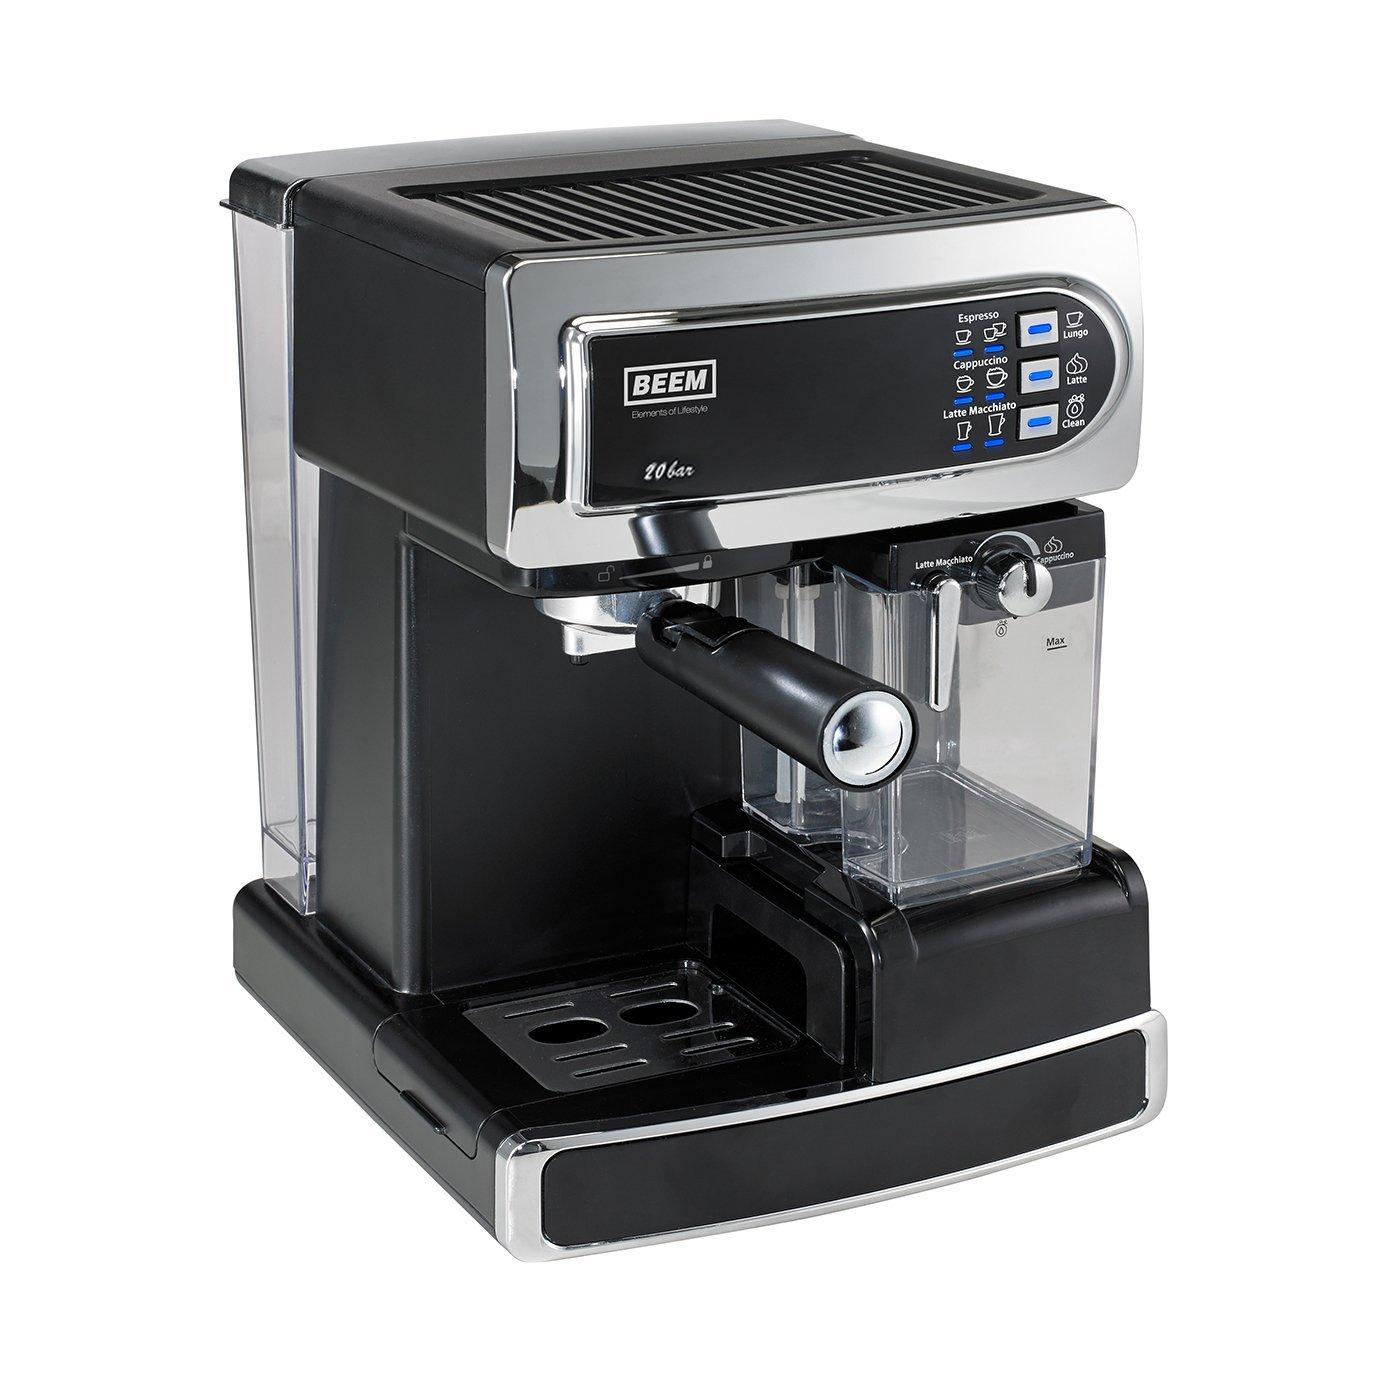 Italienische Kaffeemaschine  Die besten 5 in unserem  -> Kaffeemaschine Im Test